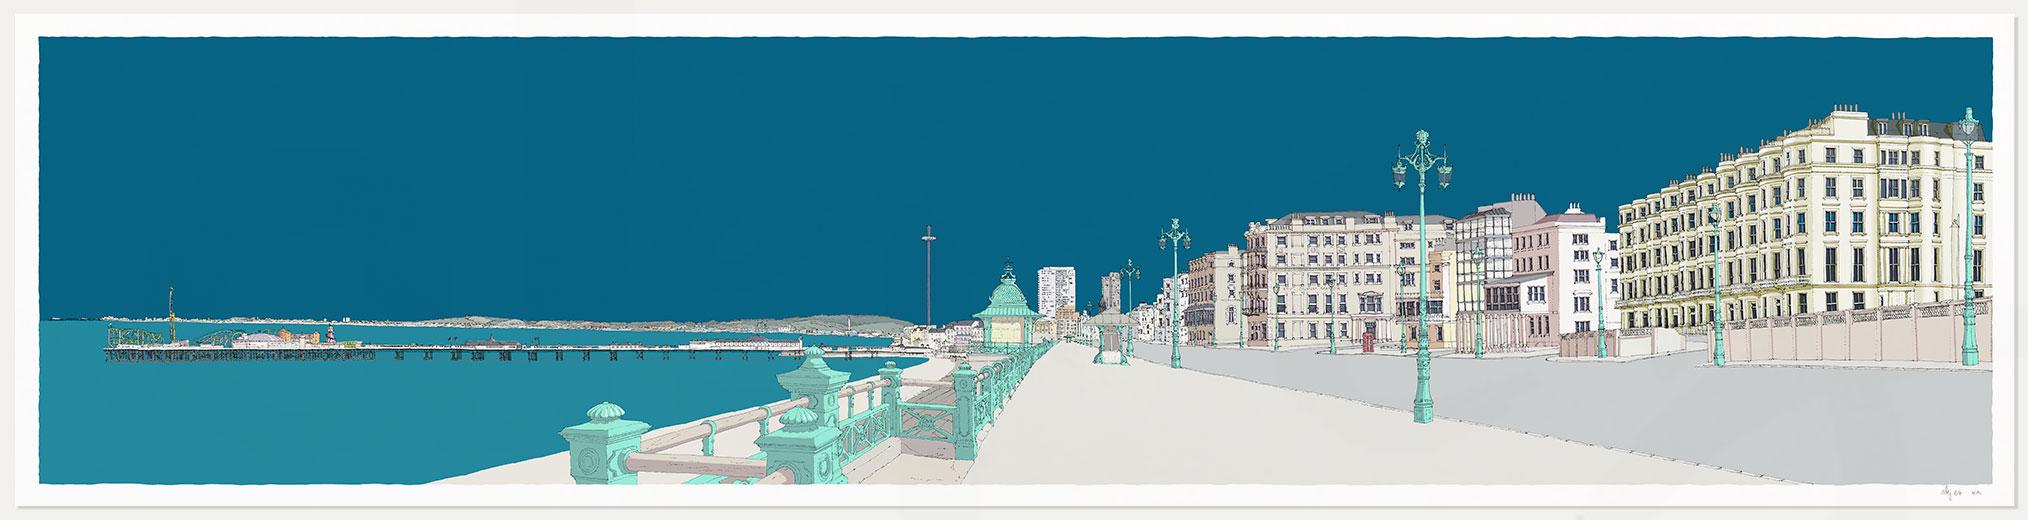 print named Kemptown Brighton Promenade Ocean Blue by artist alej ez